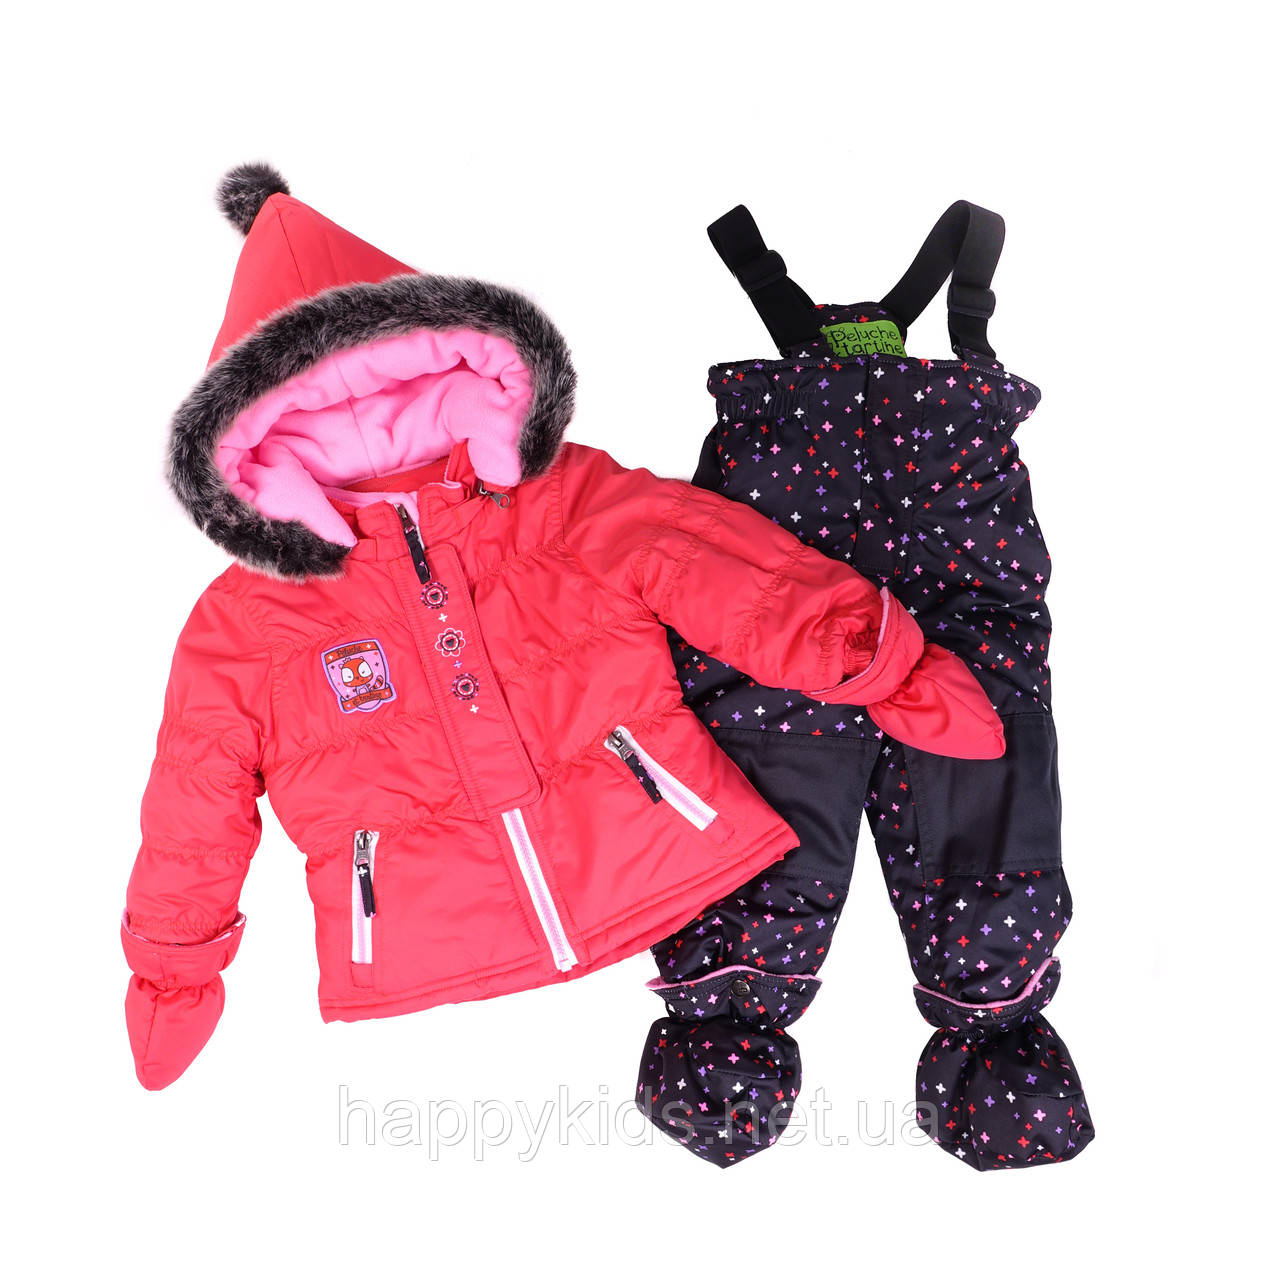 Зимний костюм для девочки PELUCHE 18 BF M F16. Размеры 85 - 97.